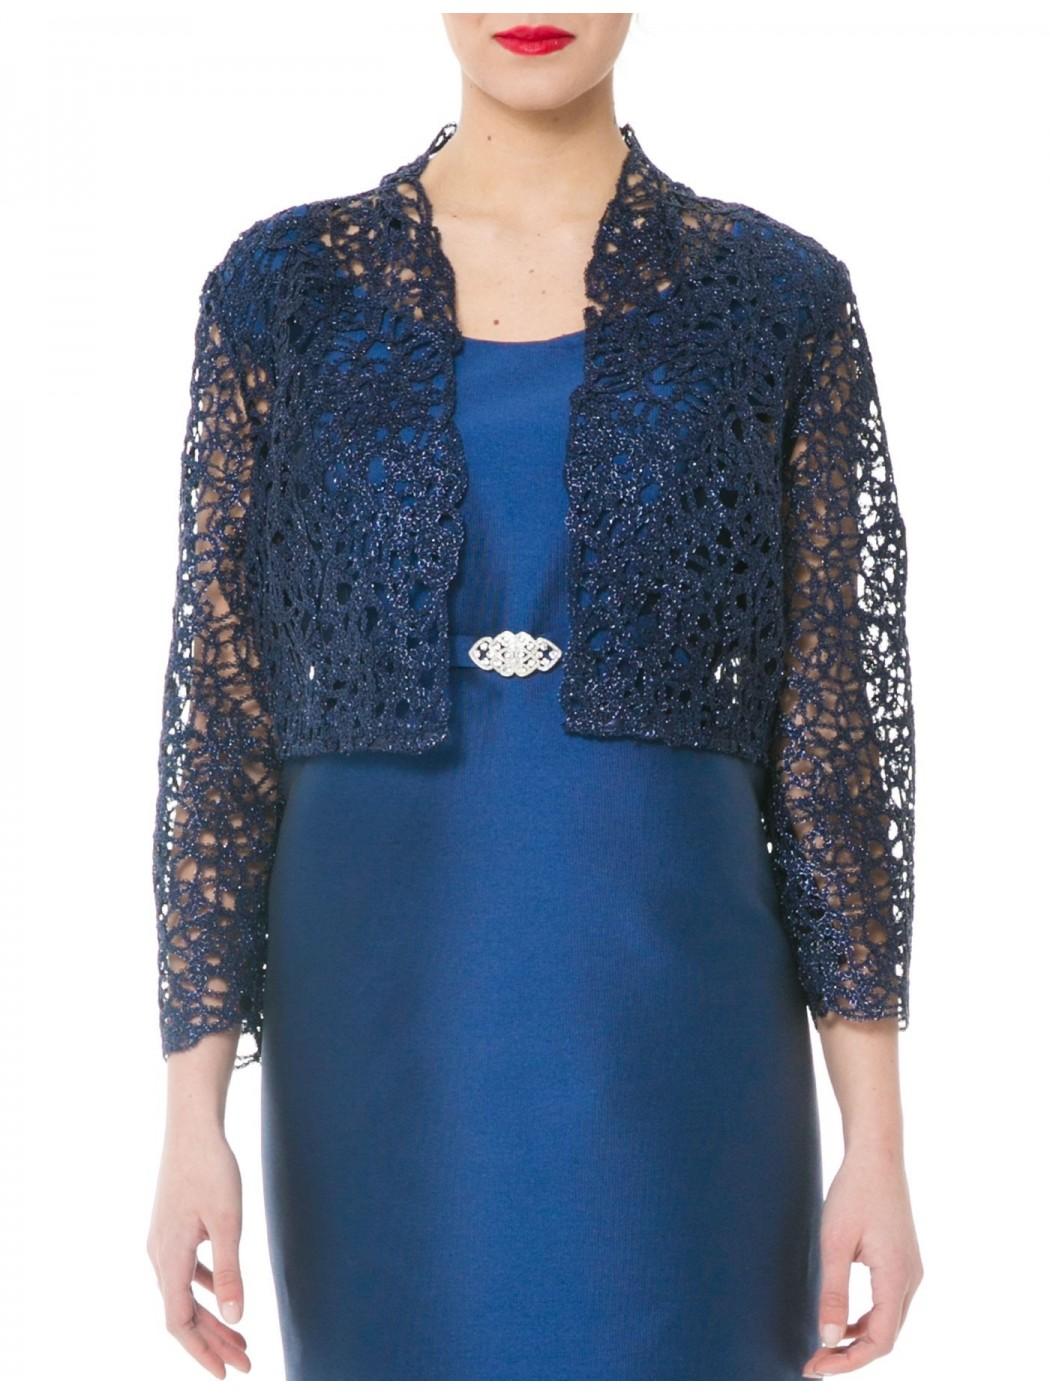 Sonia Pena 1170161 blue bolero shrug jacket